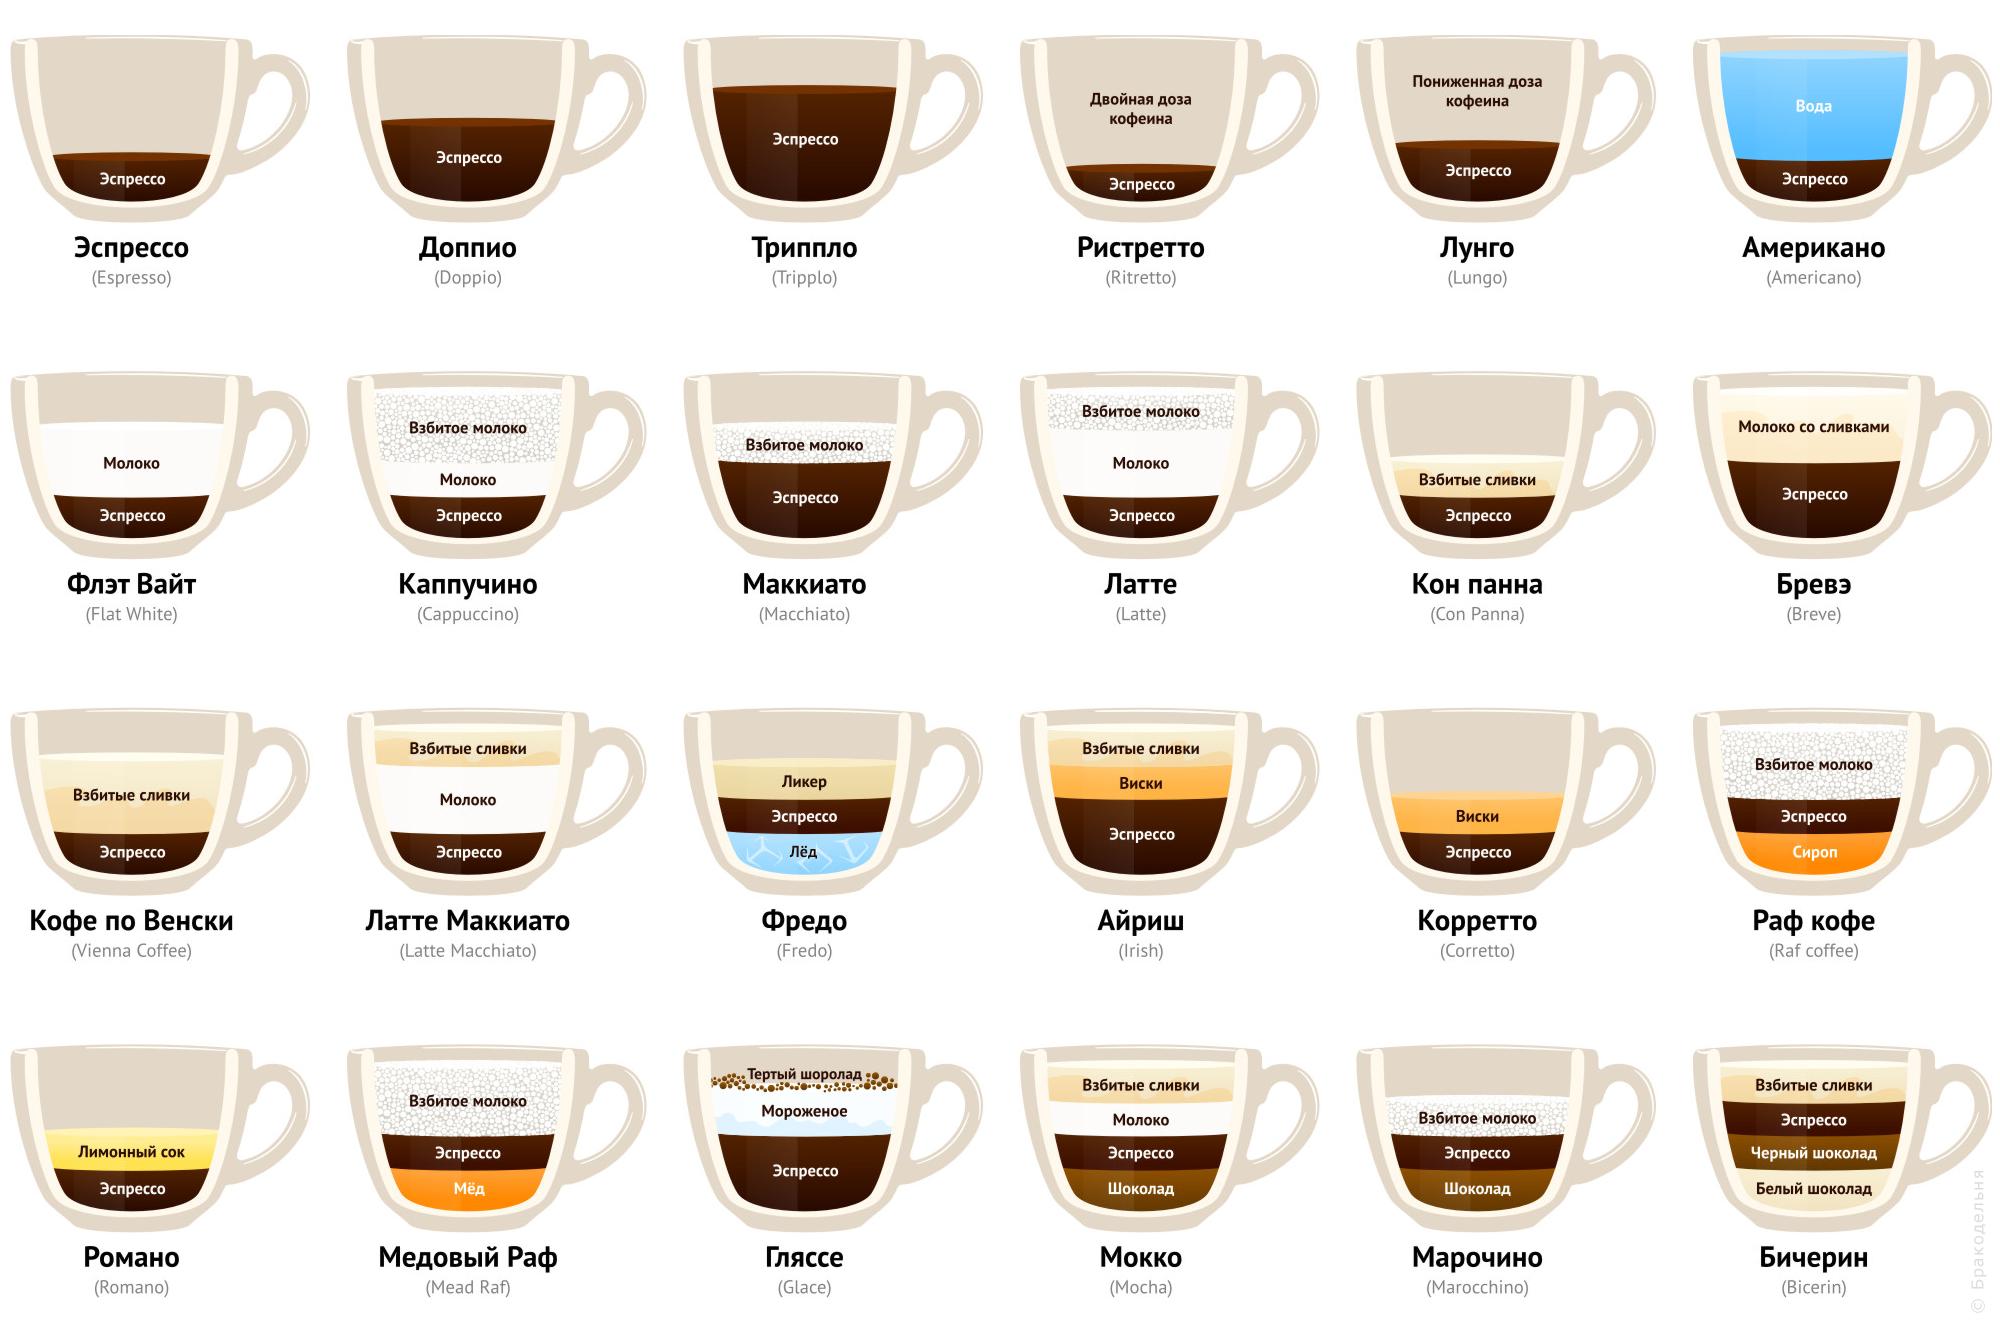 виды напитков на основе кофе